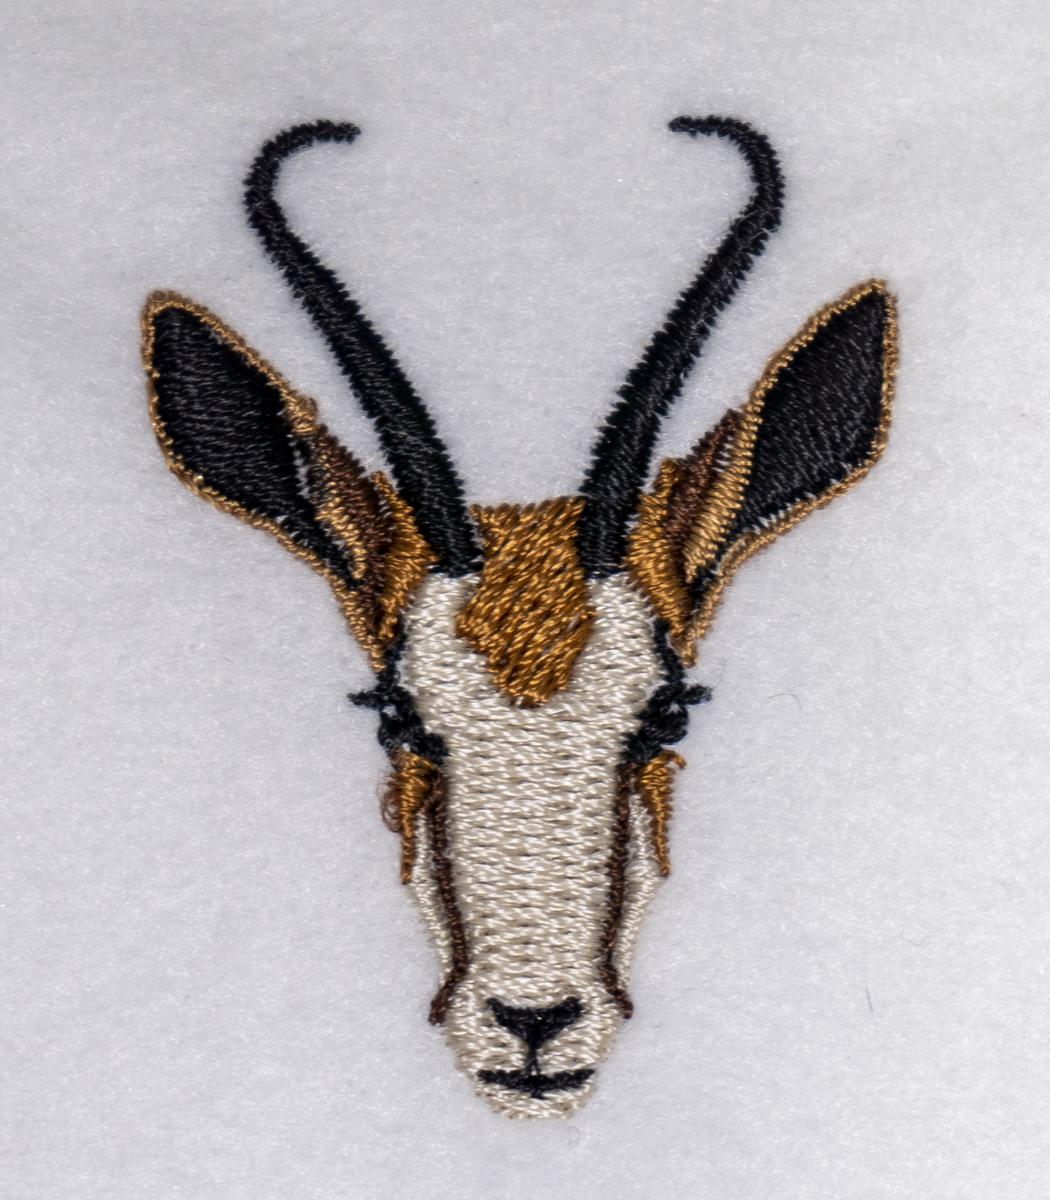 f:id:embroideryplay:20191017131914j:plain